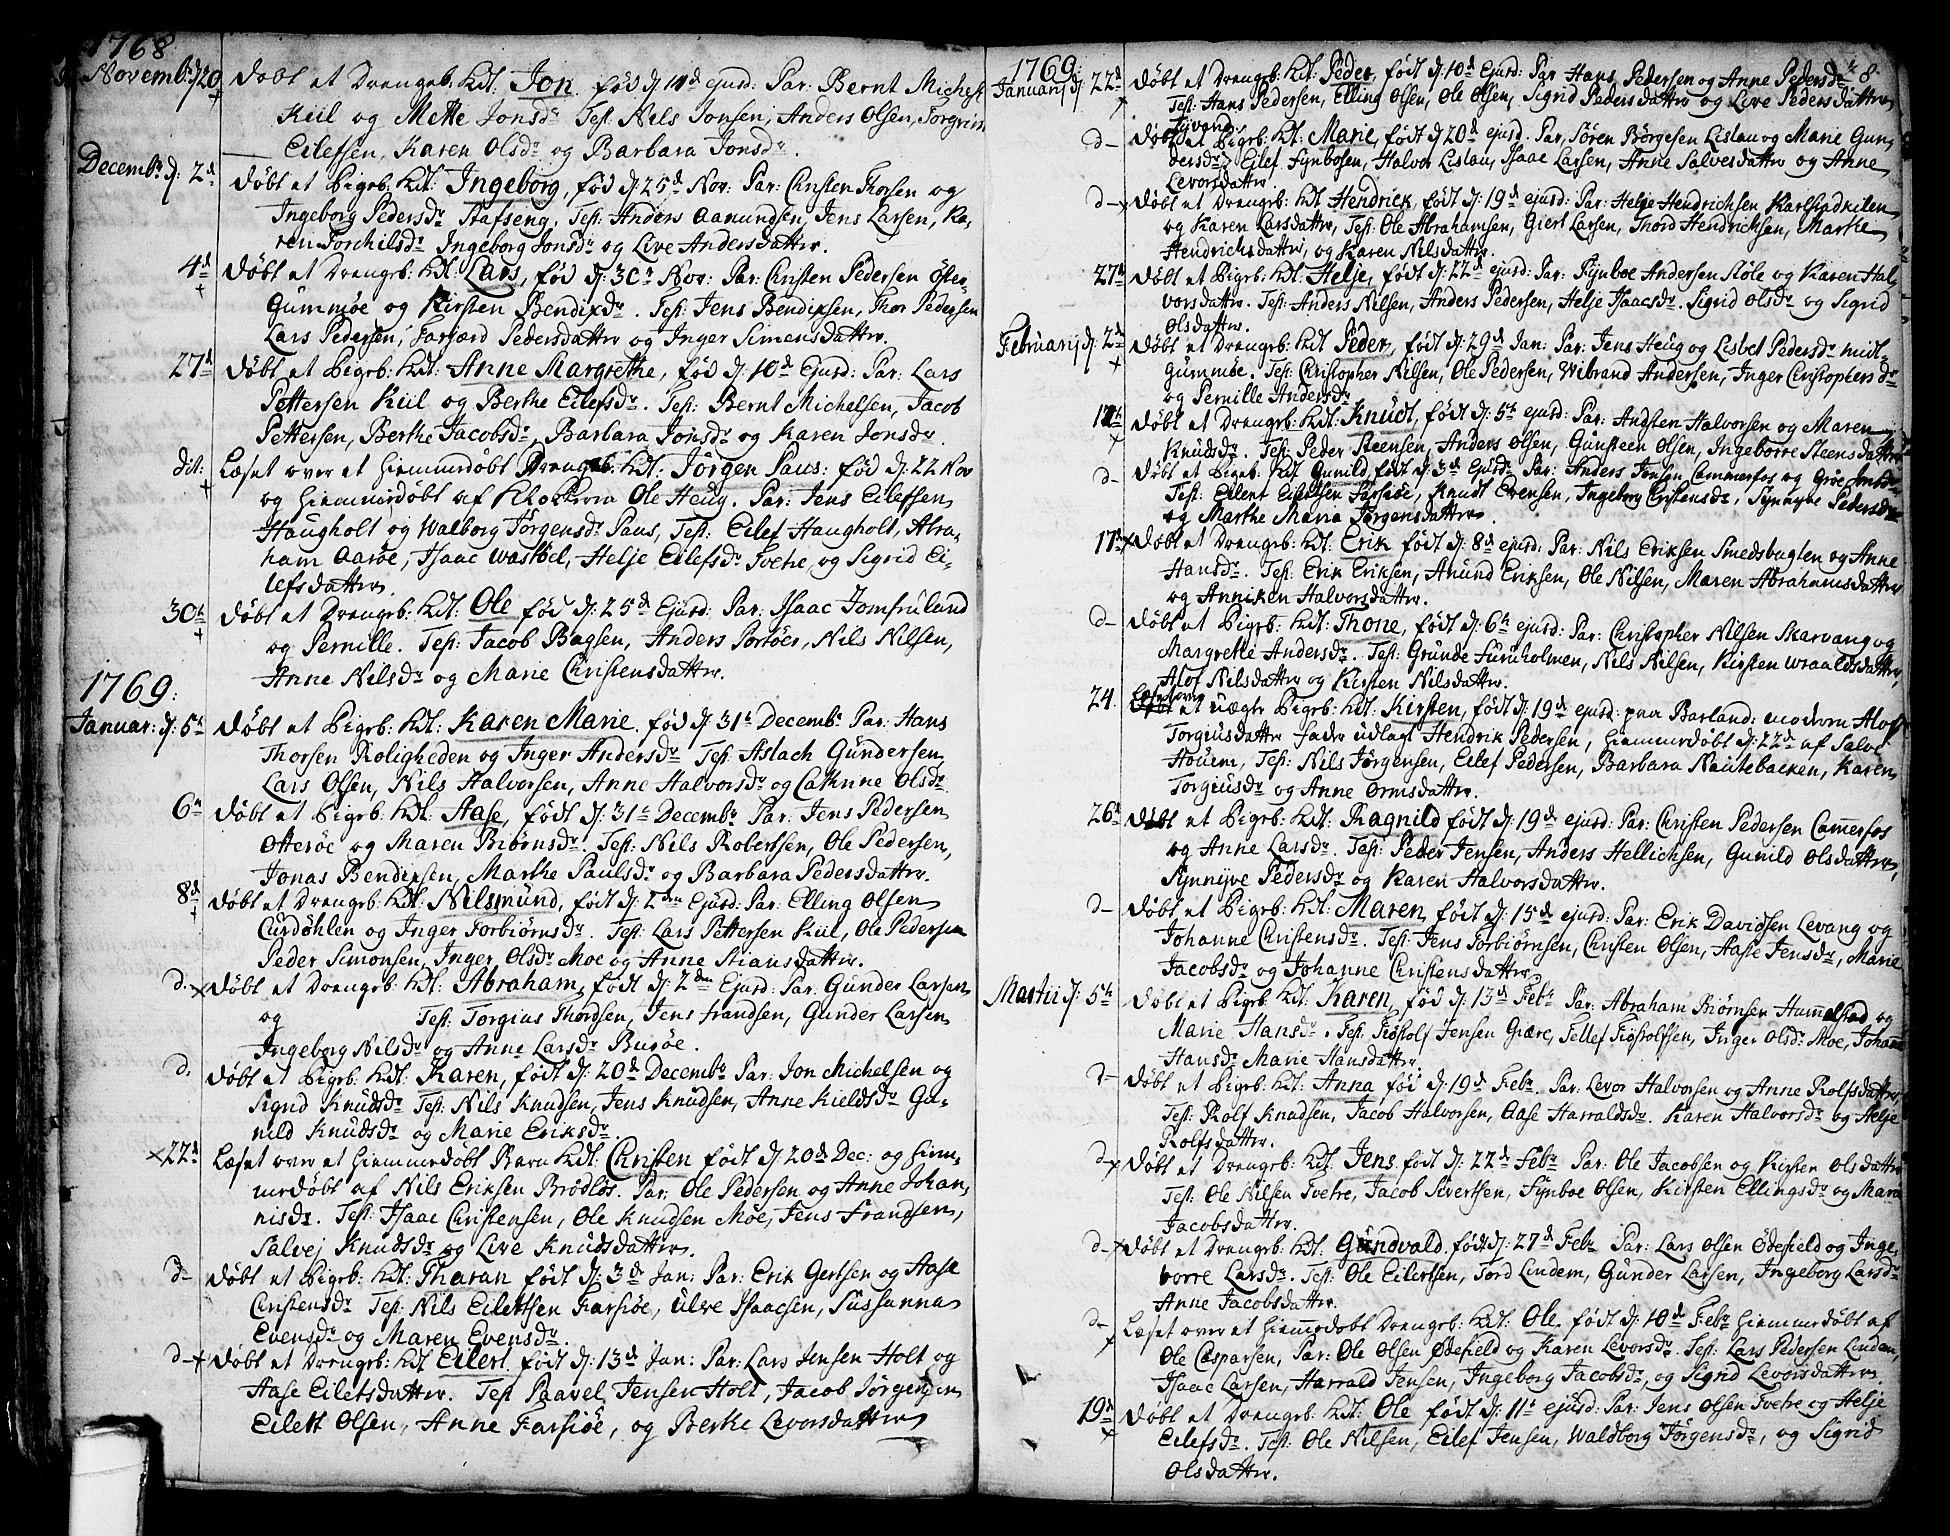 SAKO, Sannidal kirkebøker, F/Fa/L0002: Ministerialbok nr. 2, 1767-1802, s. 28